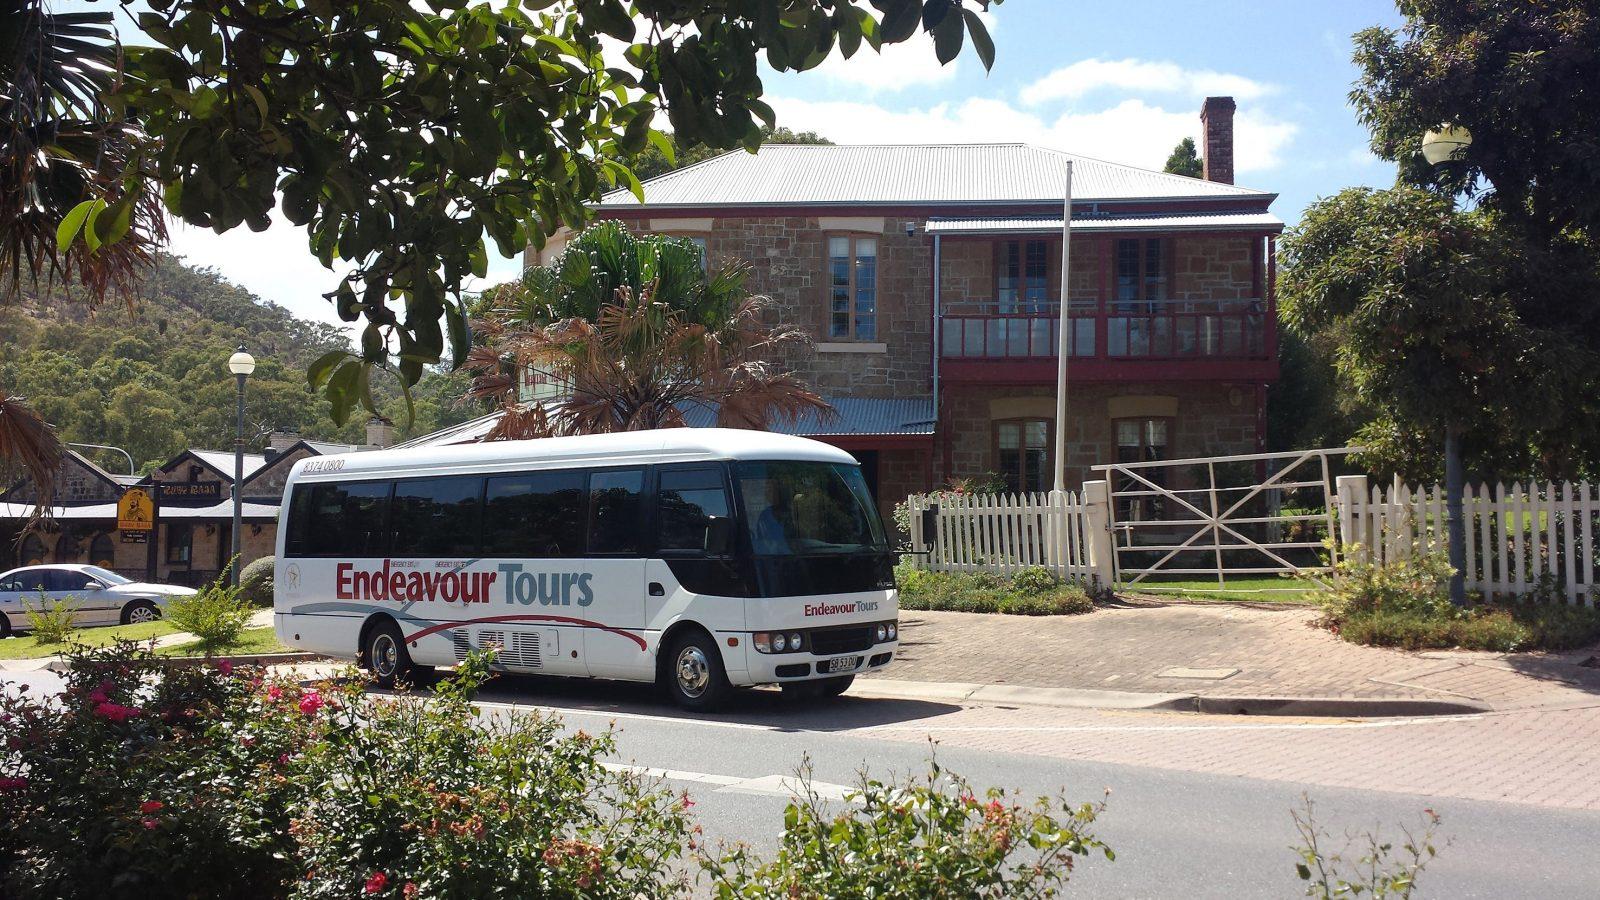 Endeavour Tours day tours